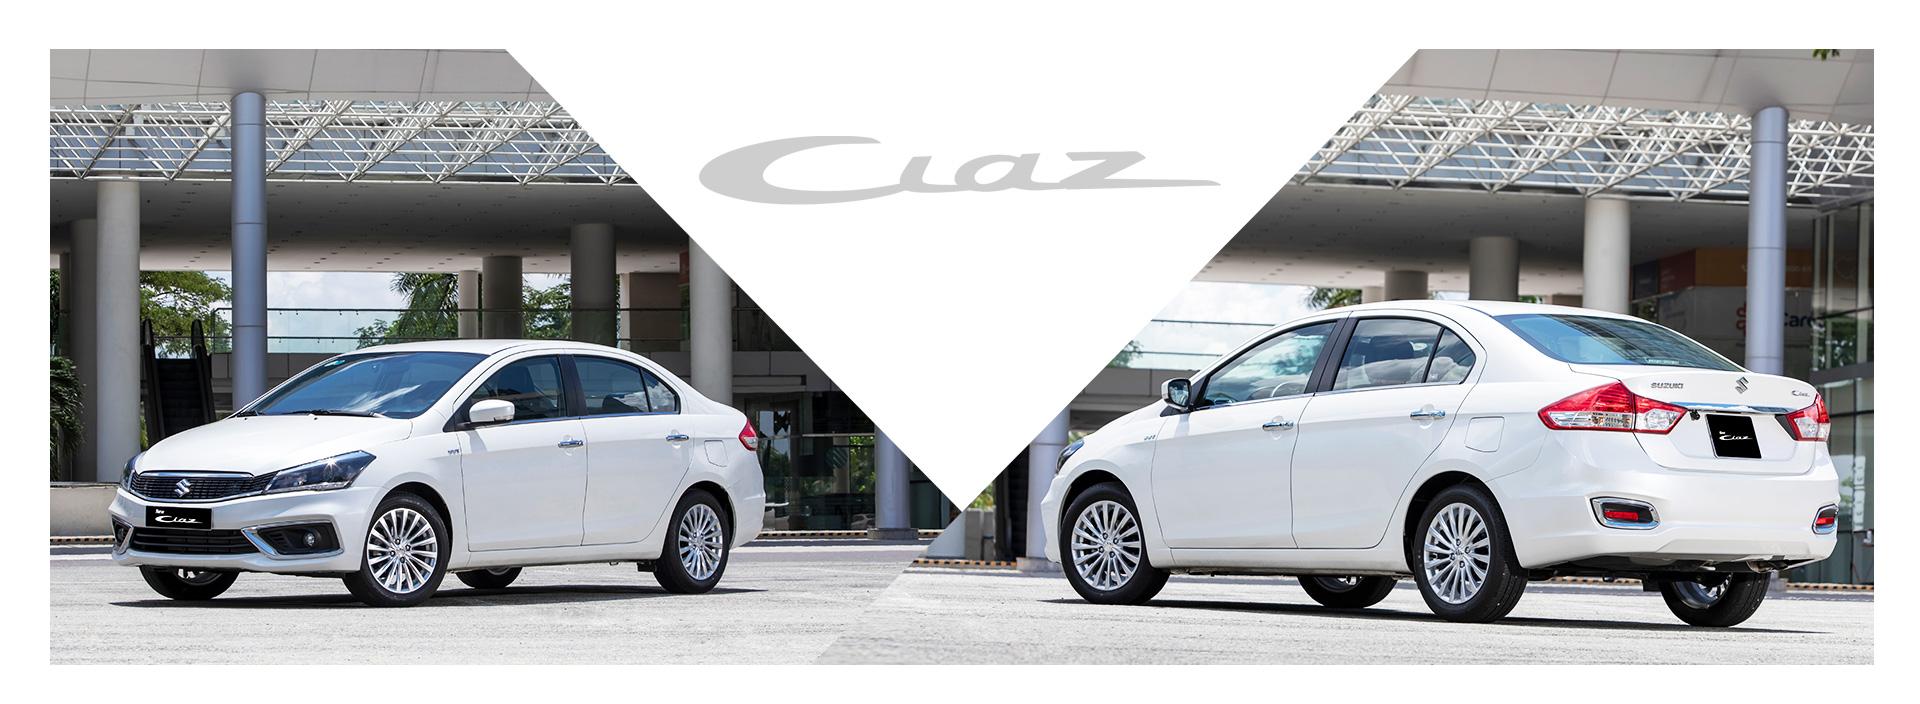 Suzuki Thay đổi tình thế ngoạn mục trong thời điểm khó khăn của thị trường ô tô